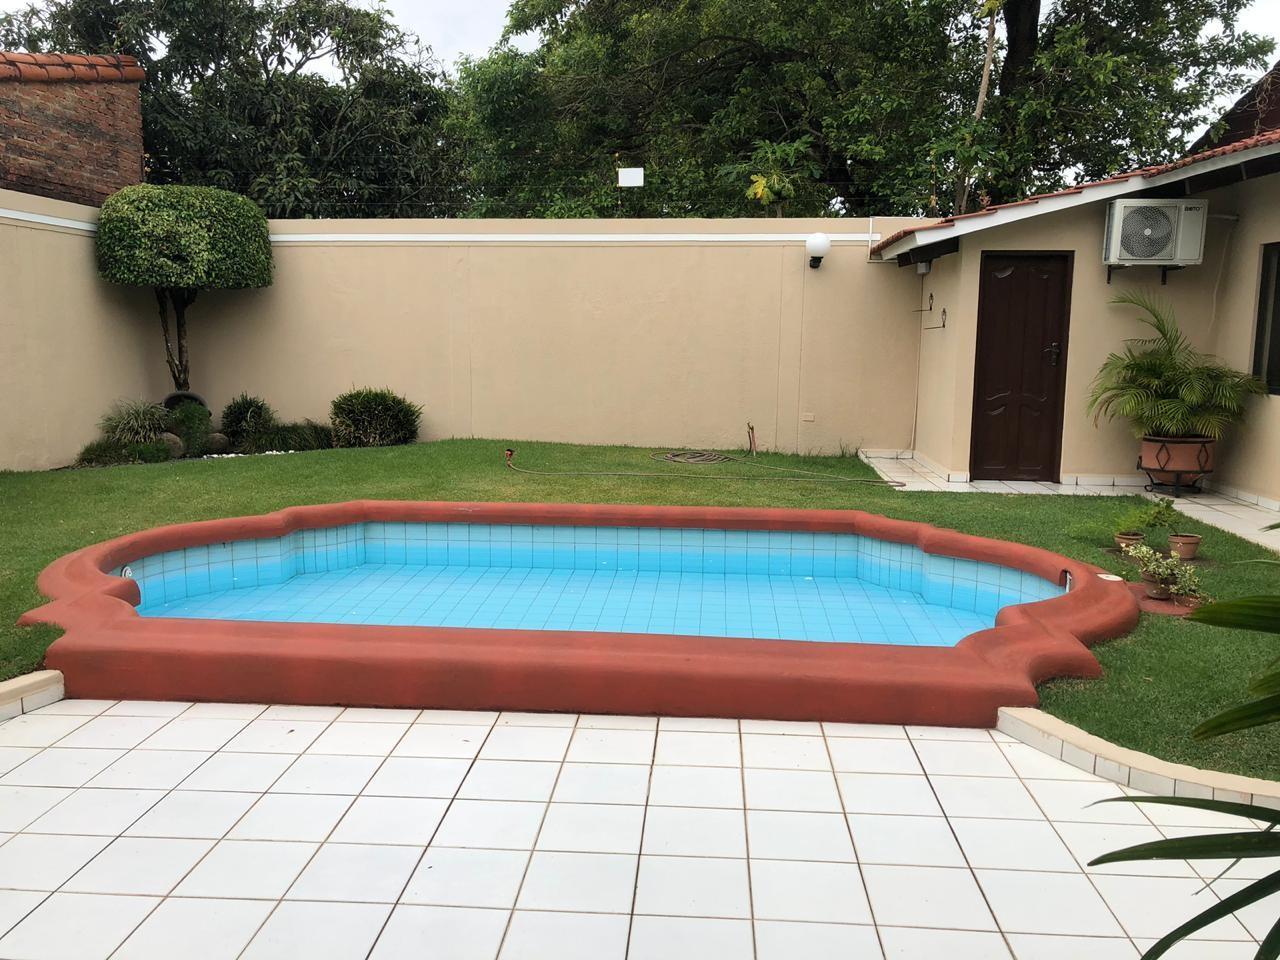 Casa en Venta AV. PIRAY A 2 CUADRAS 4TO ANILLO  Foto 10